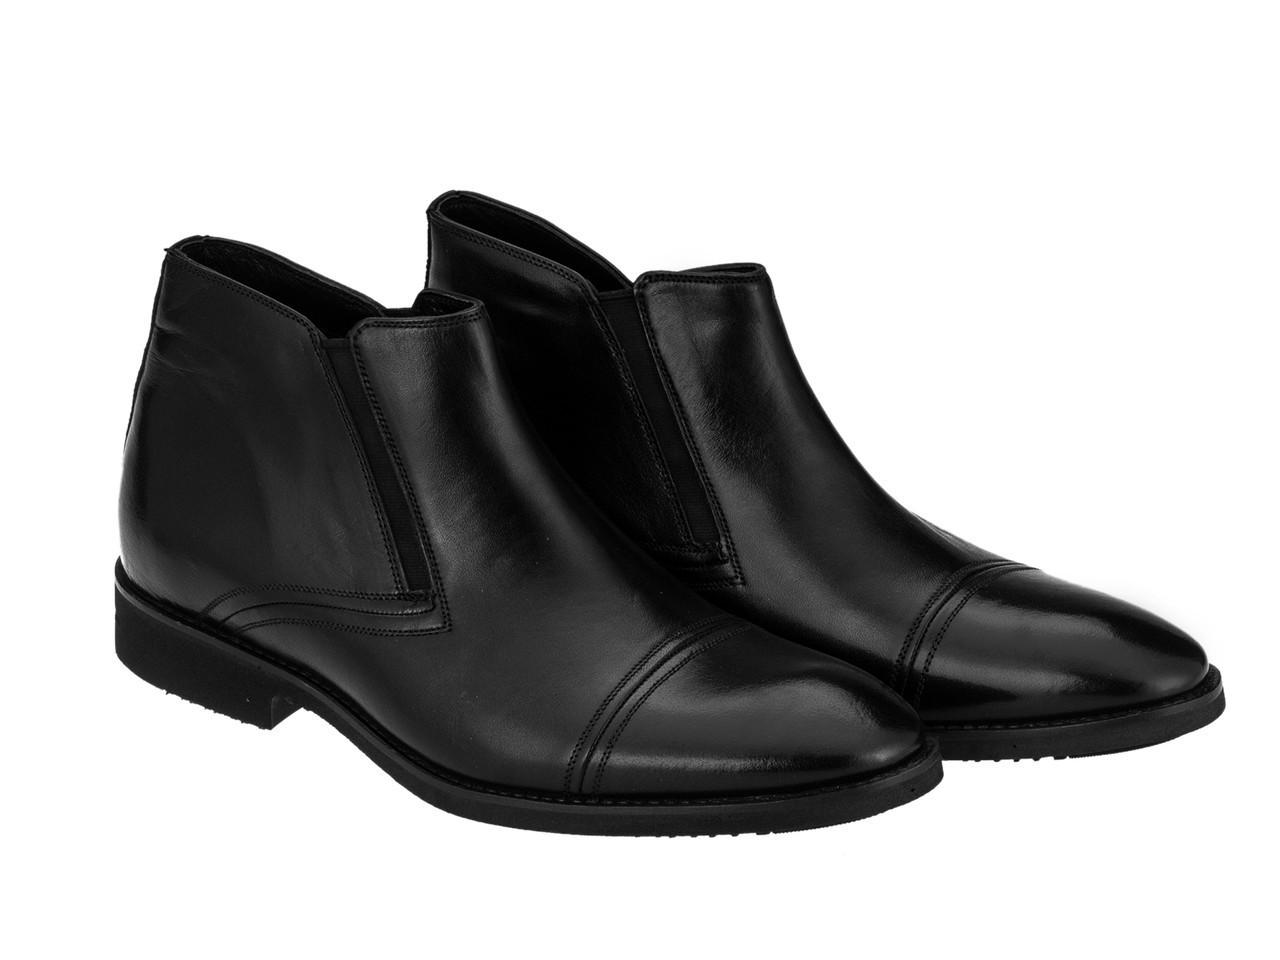 Ботинки Etor 14008-011-354 45 черные